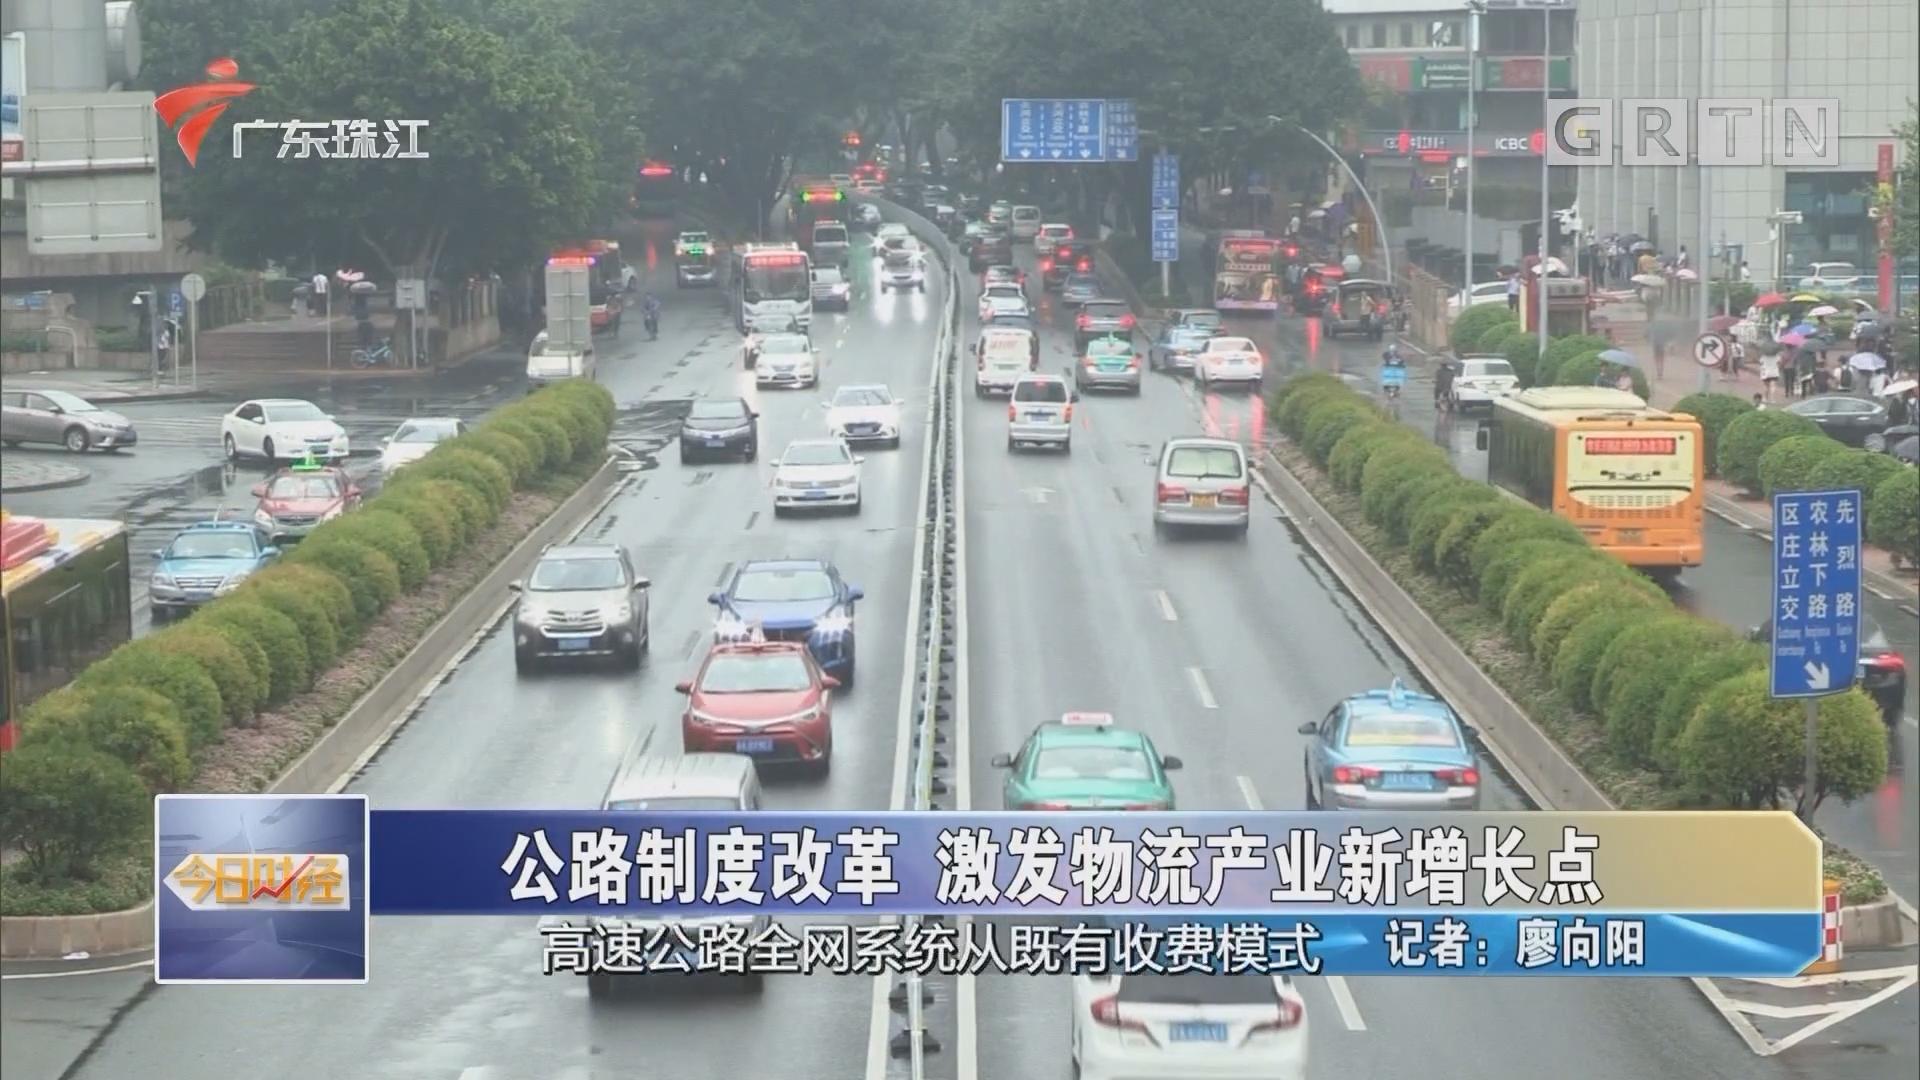 公路制度改革 激发物流产业新增长点